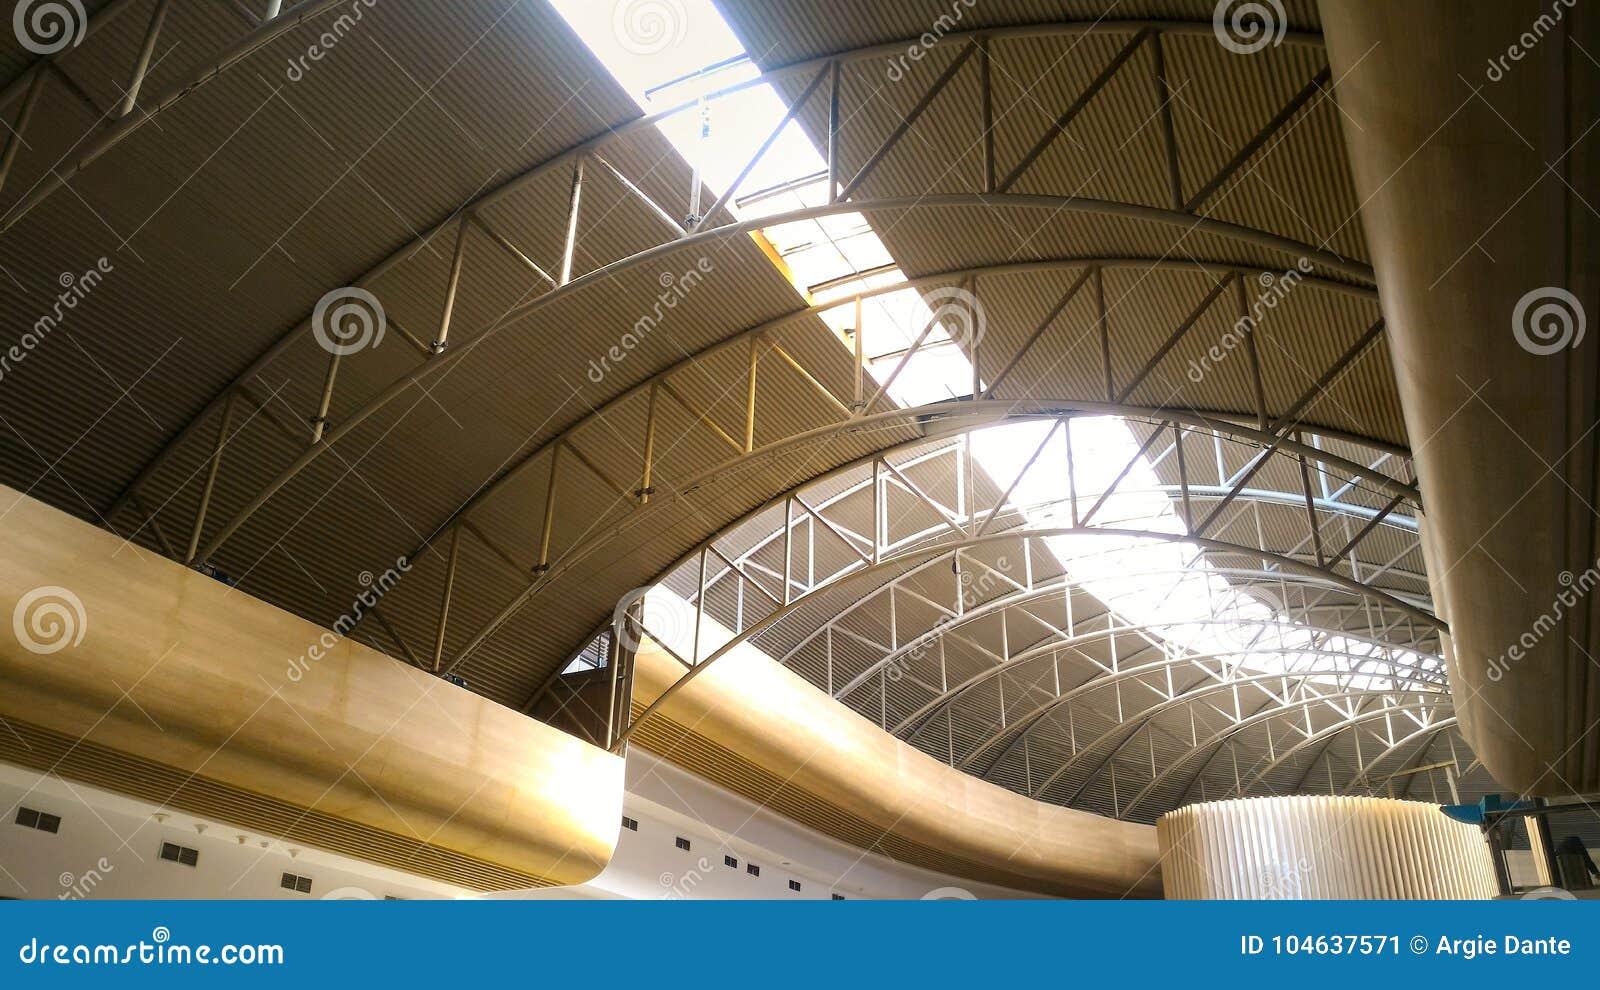 Download Plafondarchitectuur Met Zonlicht Die Overgaan Door Stock Afbeelding - Afbeelding bestaande uit zonlicht, kromme: 104637571